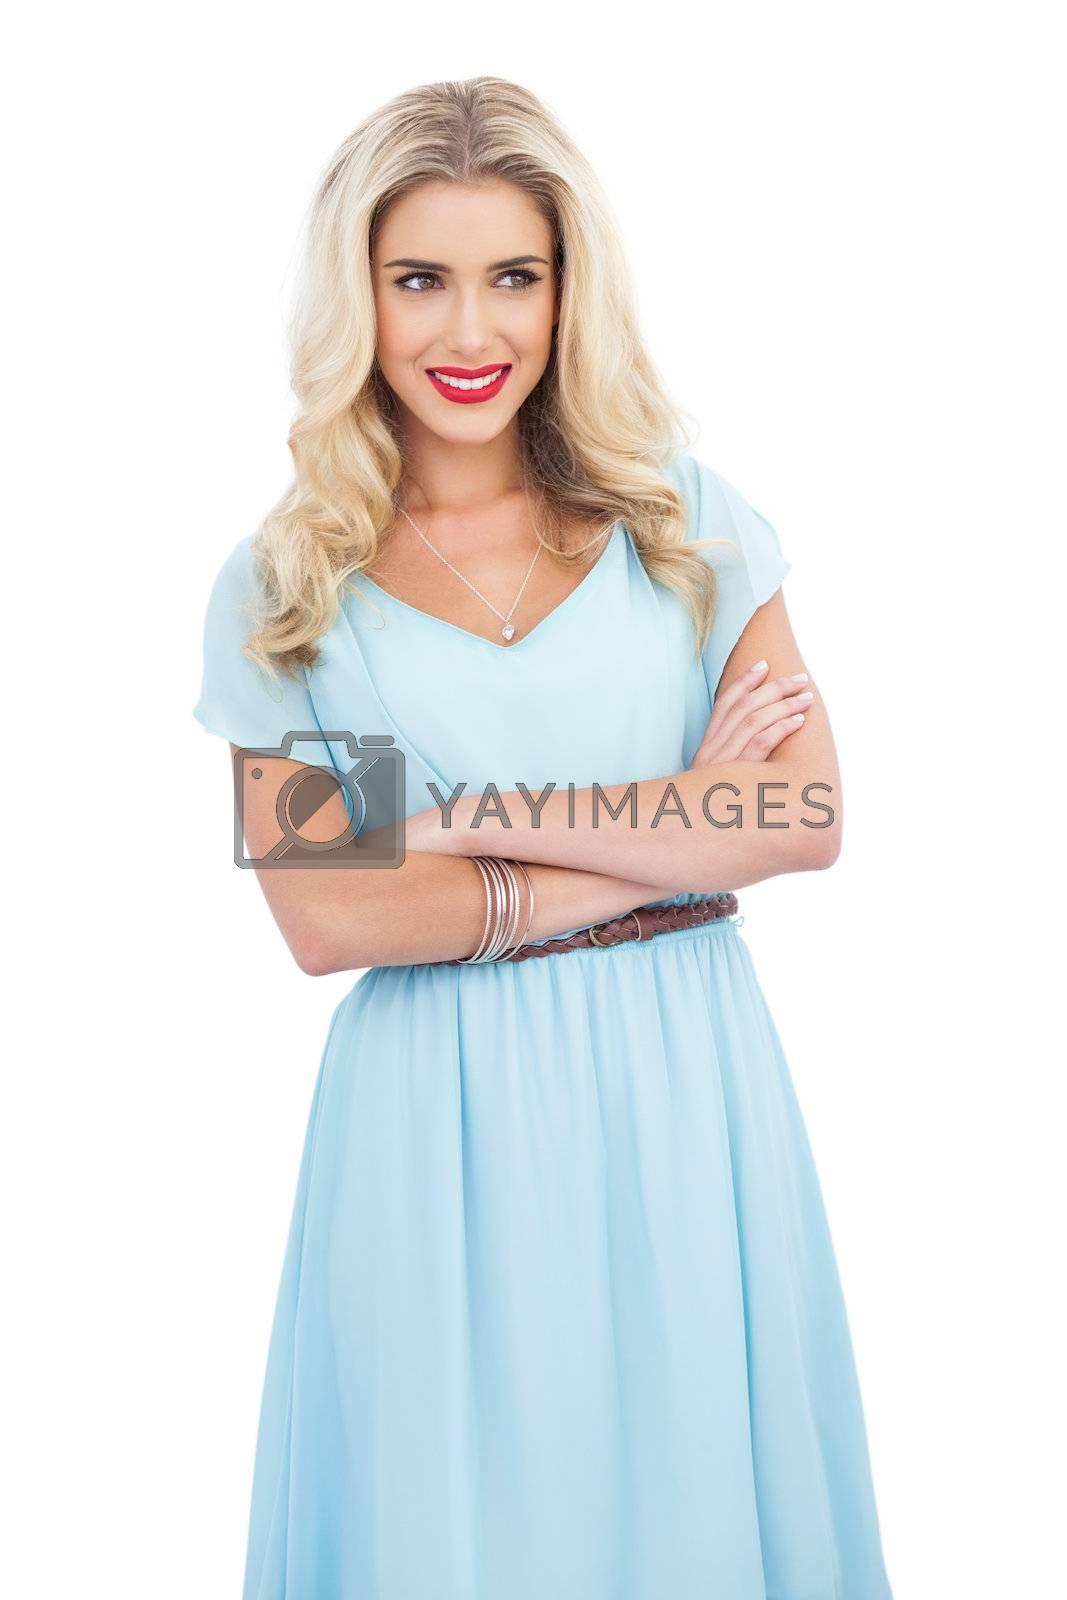 Smiling blonde model in blue dress posing crossed arms by Wavebreakmedia